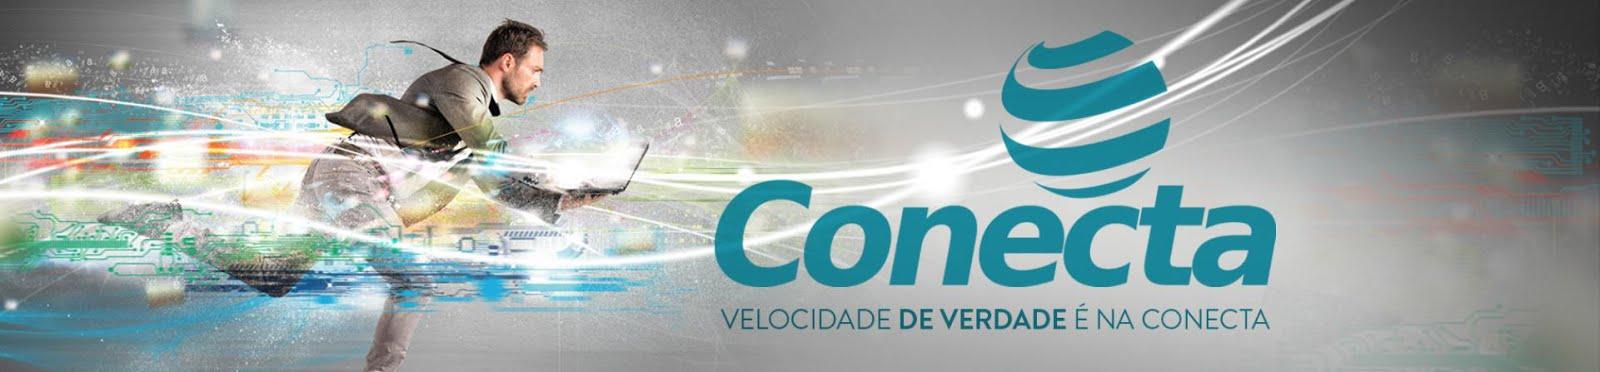 CONECTA FIBRA ÓTICA SALINAS MG